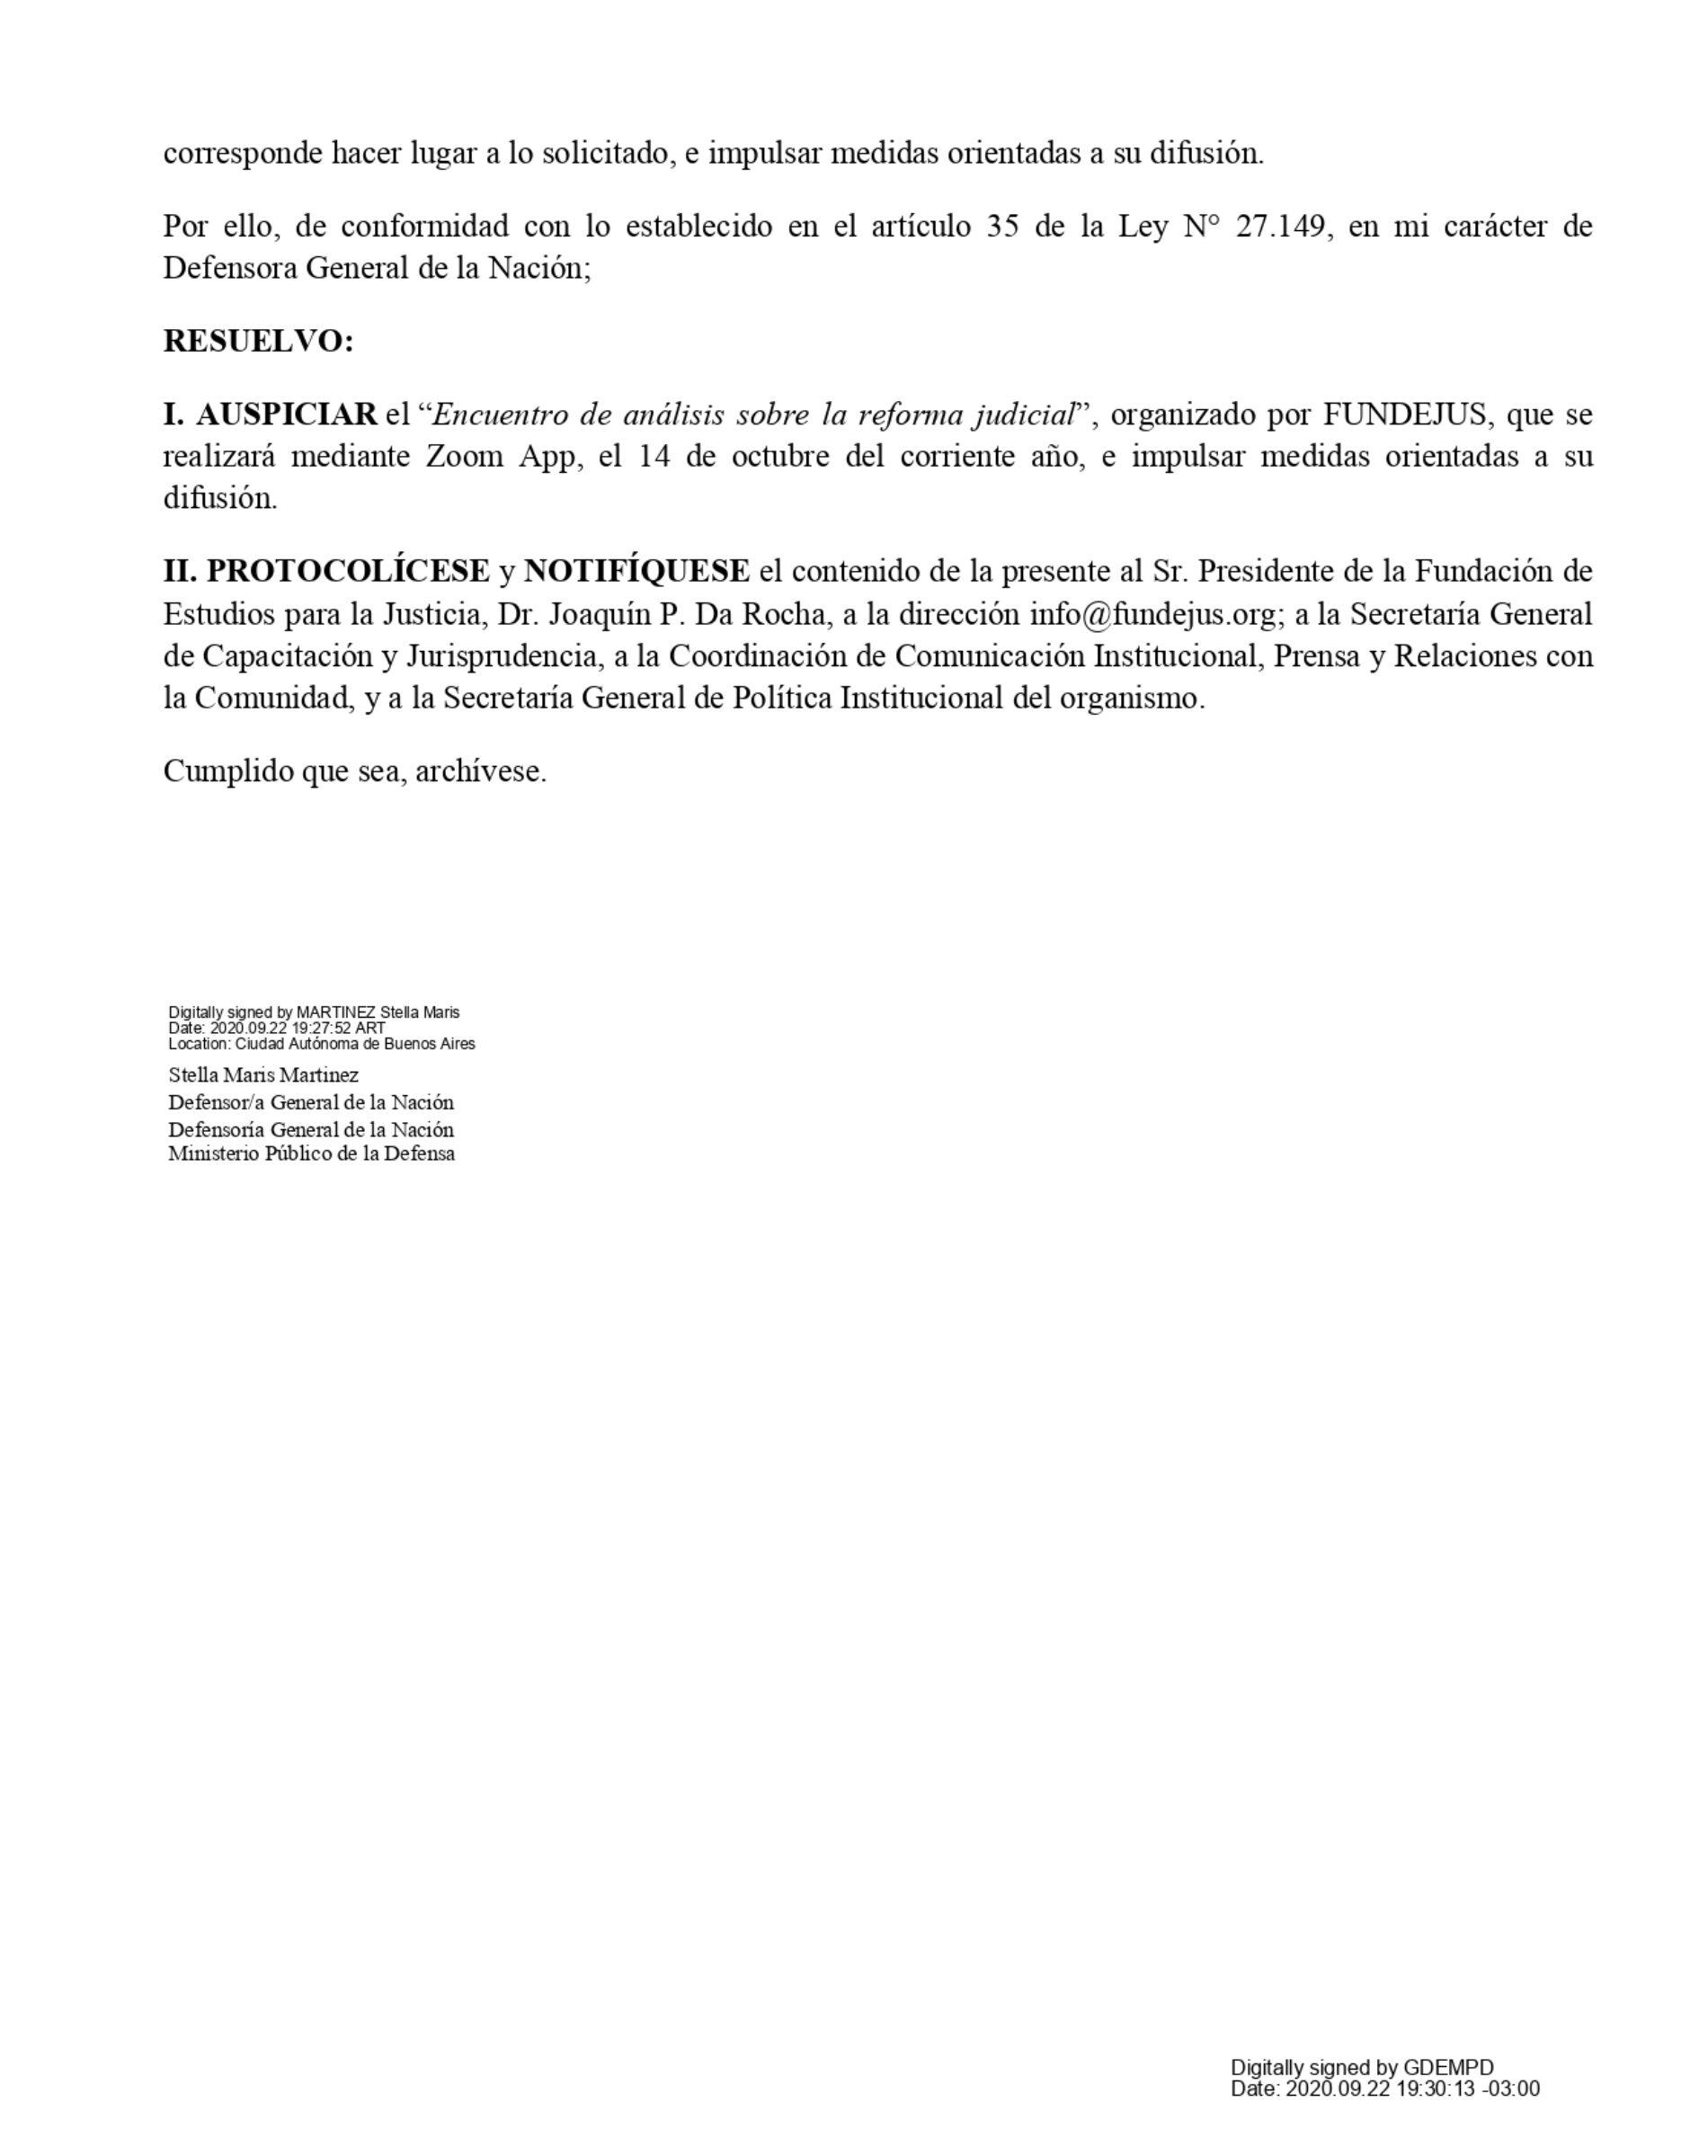 Res. Nº 870/20 – Defensoría General de la Nación. Resuelve auspiciar el «Encuentro de análisis sobre la Reforma Judicial. Aportes de FUNDEJUS al Consejo Consultivo (Decreto Nº 635/2020)» Organizado por FUNDEJUS.